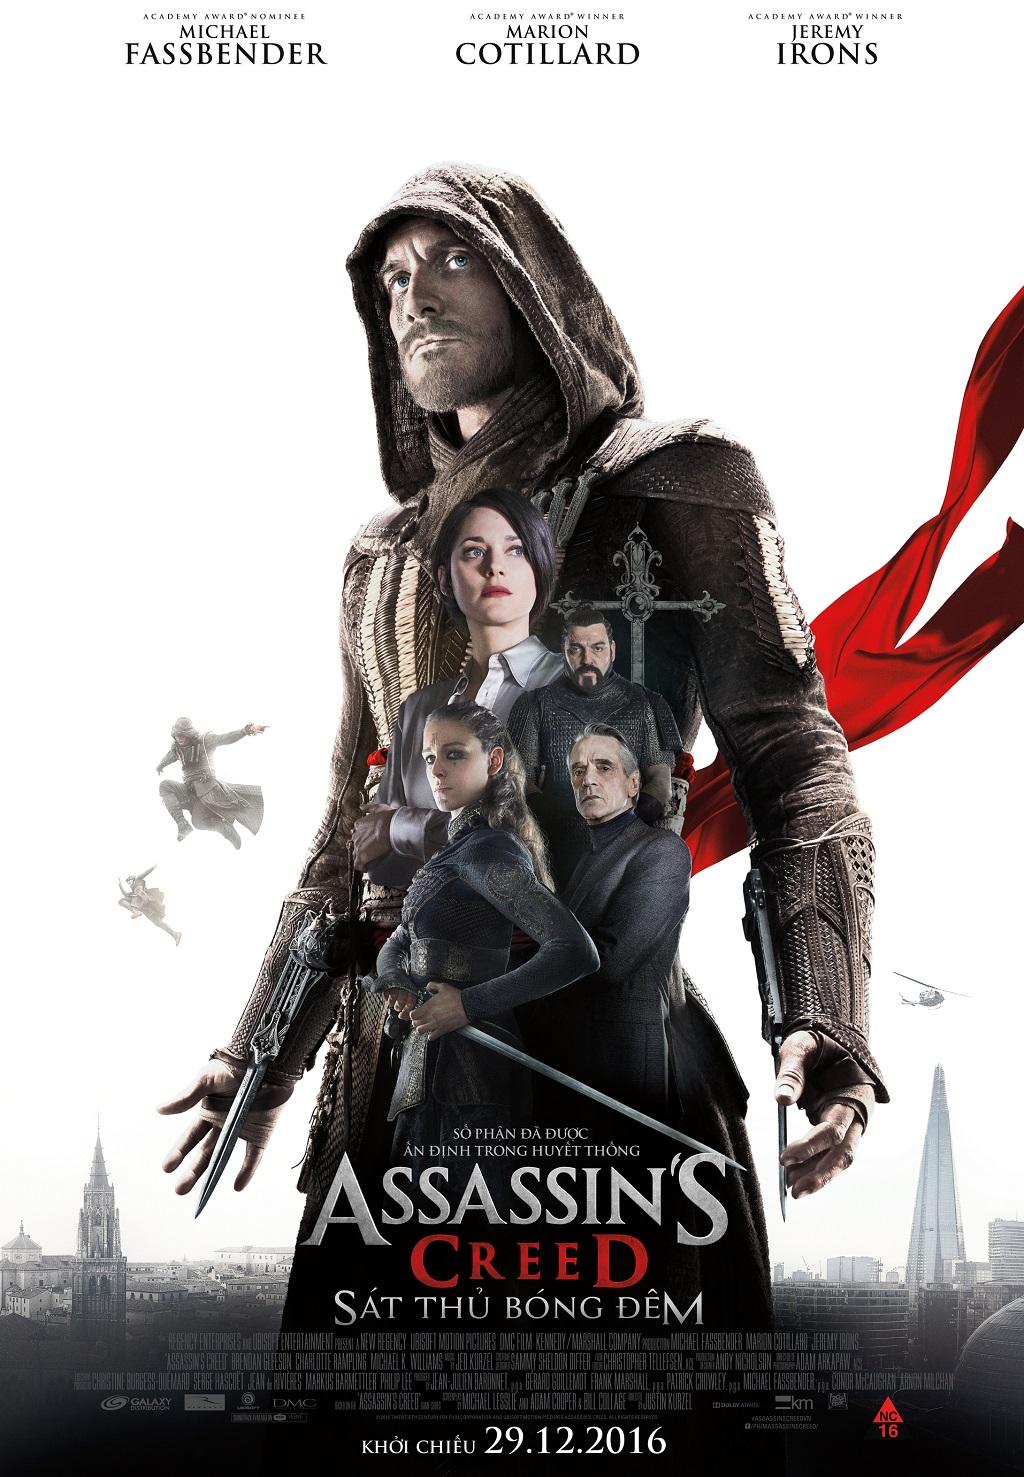 Đánh giá phim: Assassin's Creed (2016) - chỉ là một phần của Game